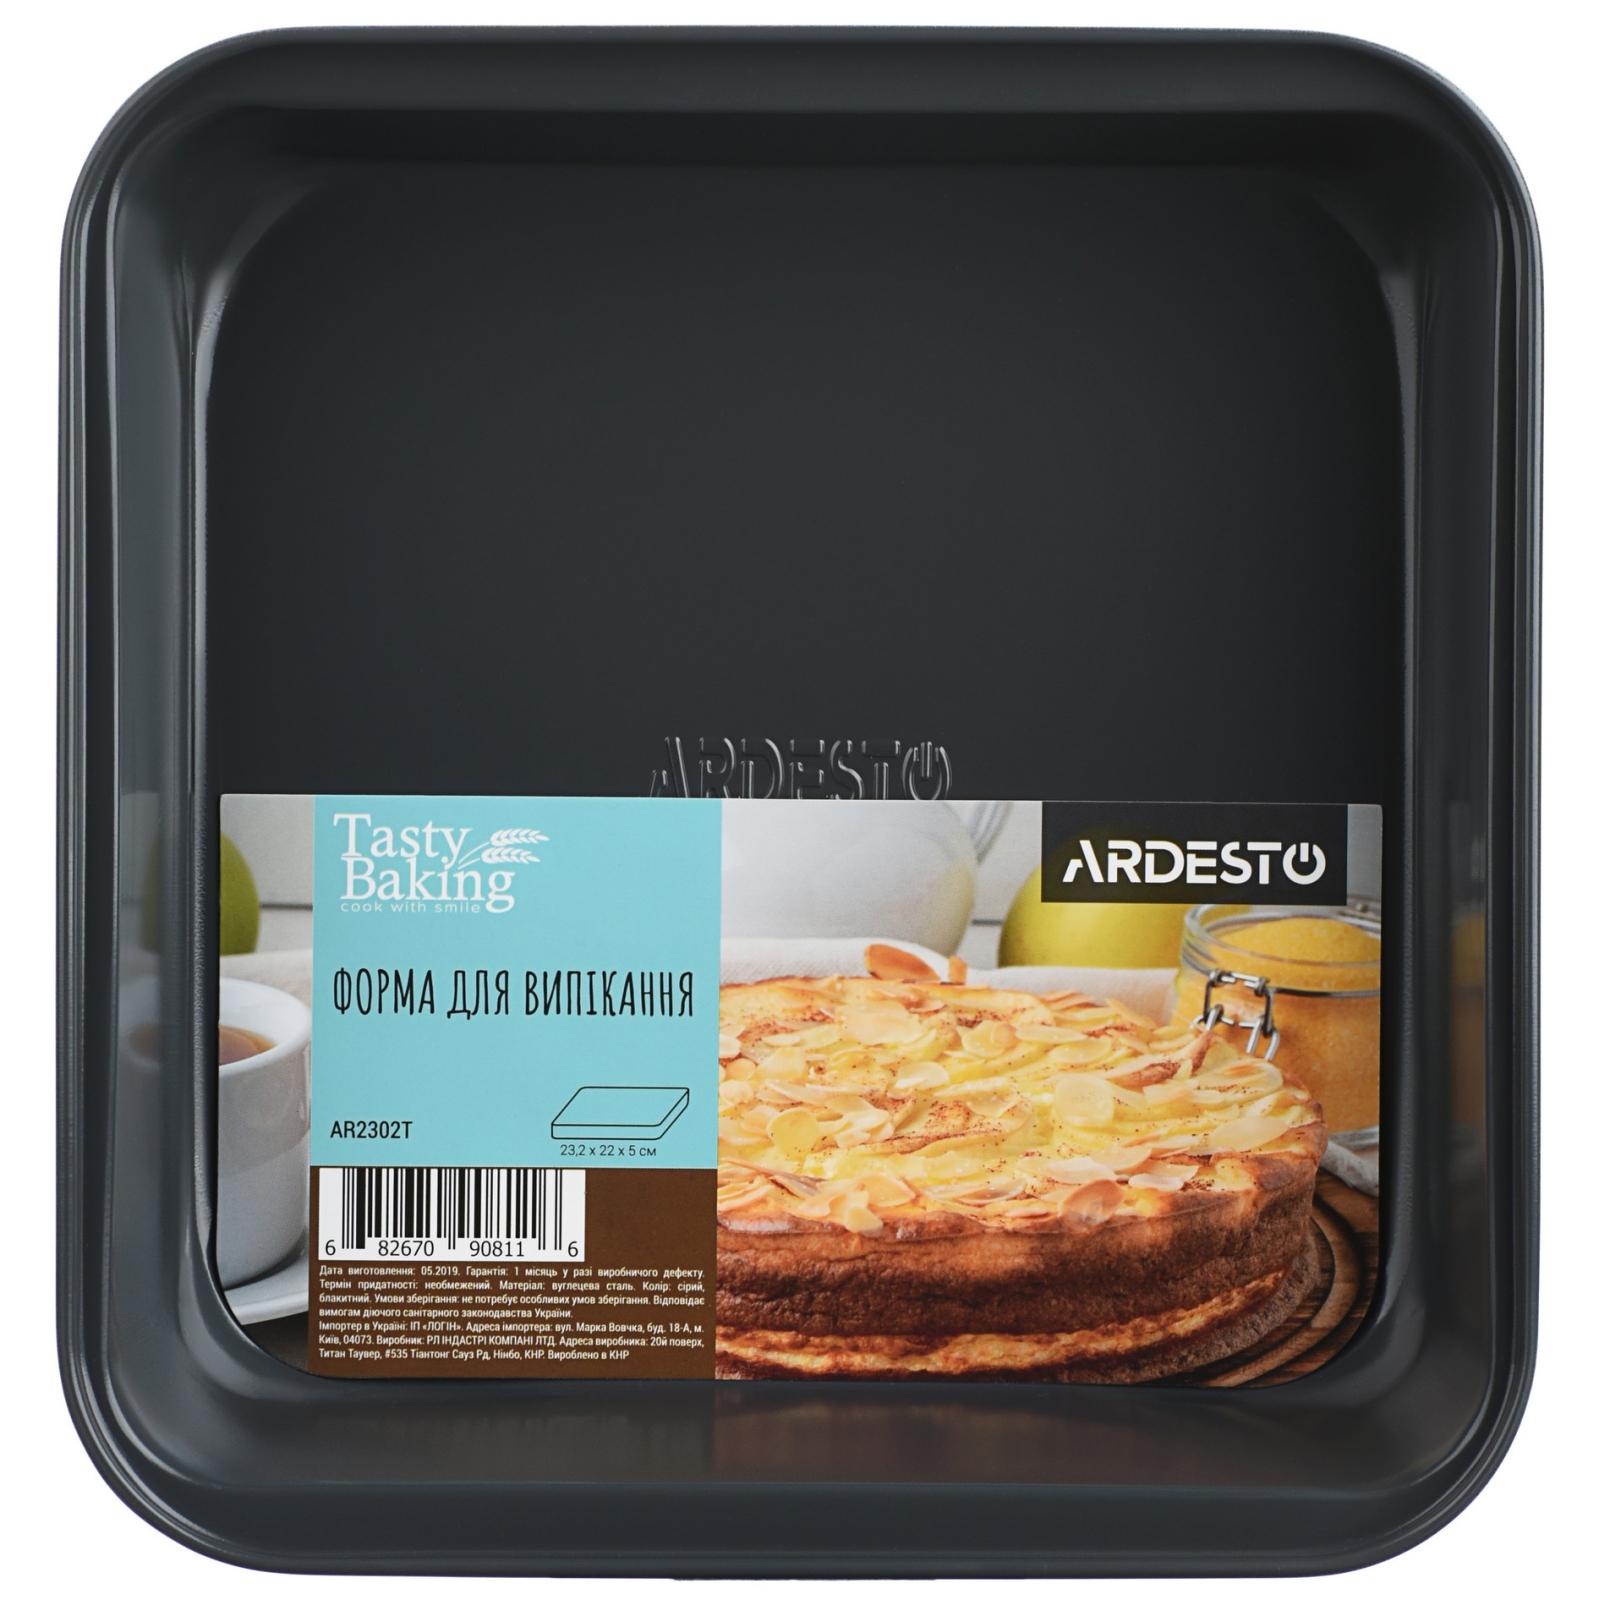 Форма для випікання Ardesto Tasty Baking квадратна 23х22 см (AR2302T) зображення 3